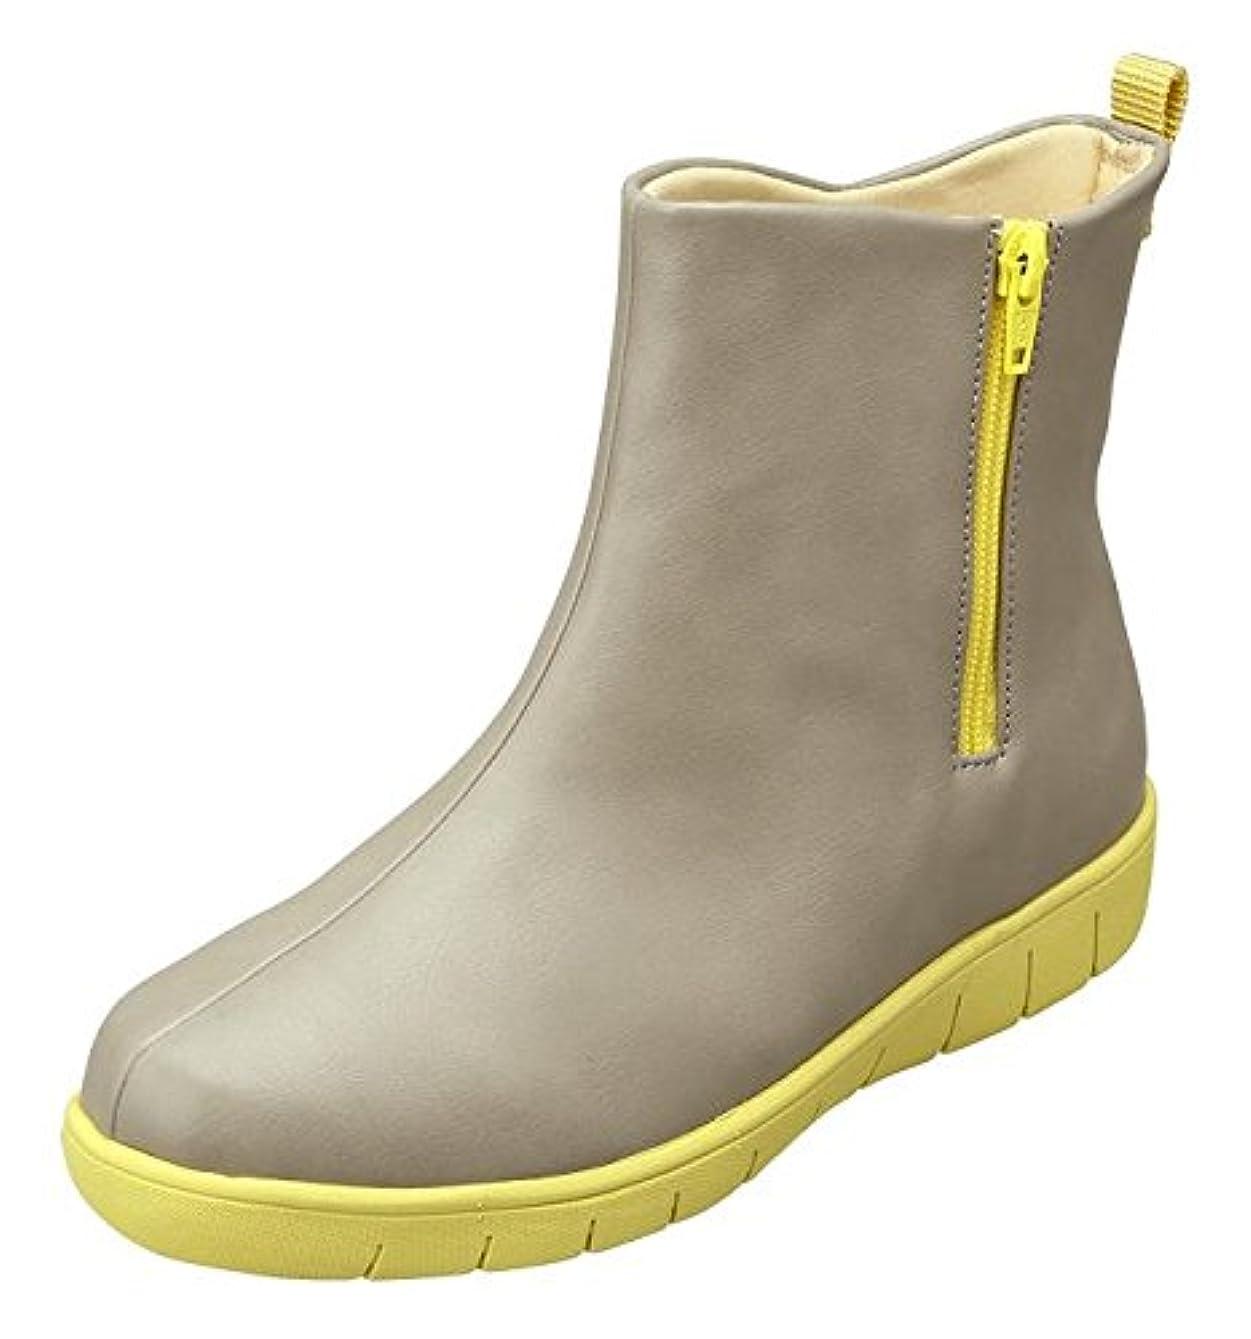 爪噴出する怠[パンジー] レインブーツ 婦人用長靴 レディースレインブーツ 防水設計?優れた防水技術「レインテックス」加工 4944